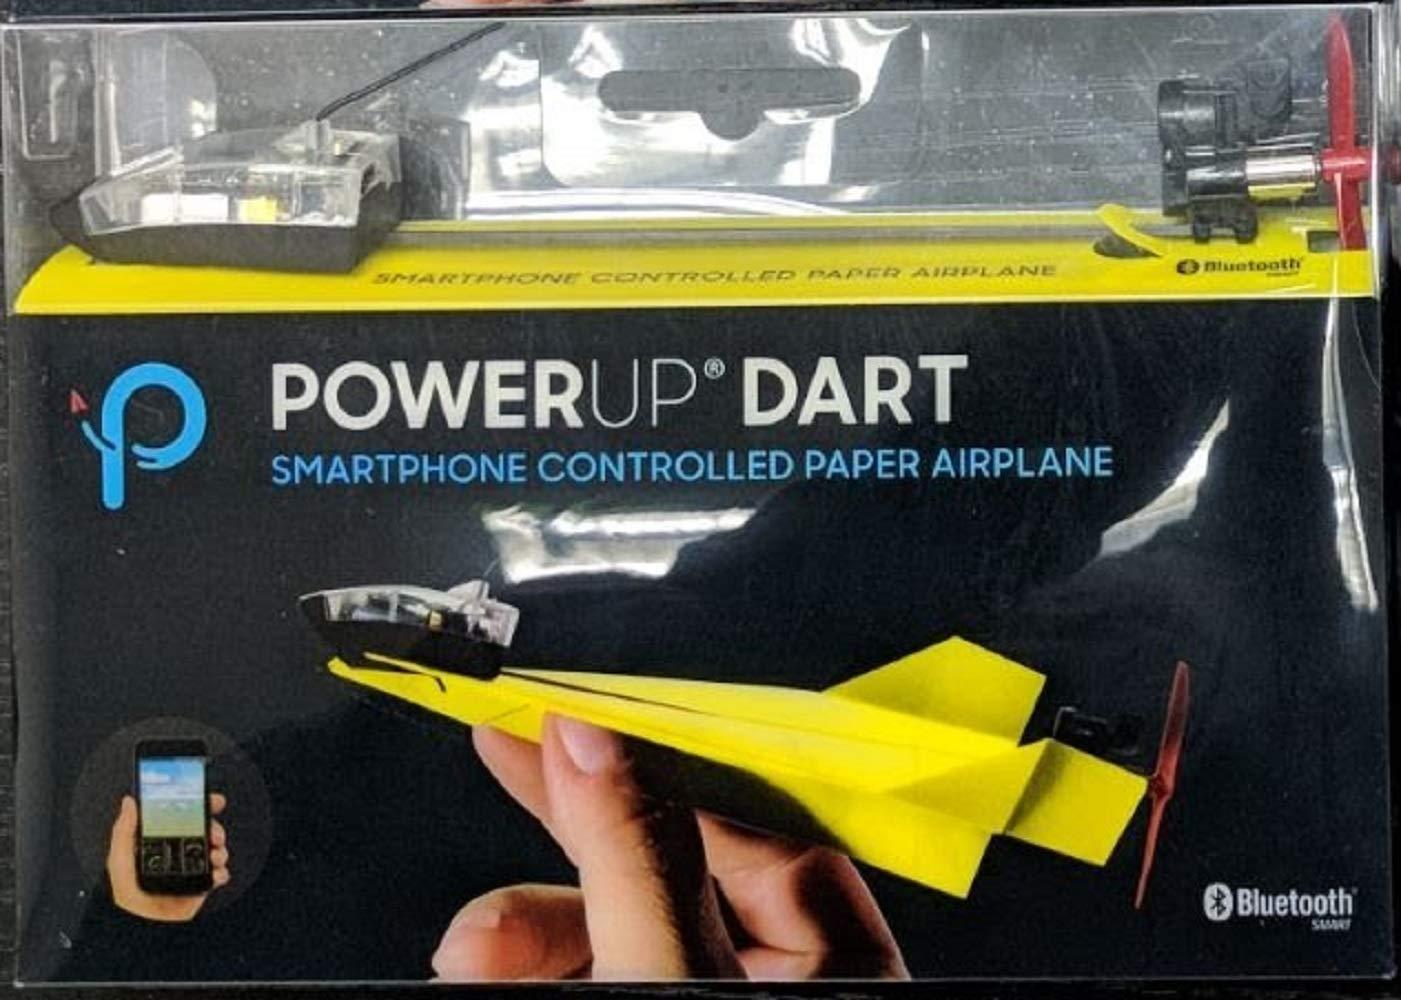 【カラー:イエロー】スマホで操作する紙飛行機 POWERUP DART 最高時速40キロとスピードも圧巻 並行輸入品 B07MXCZJMH